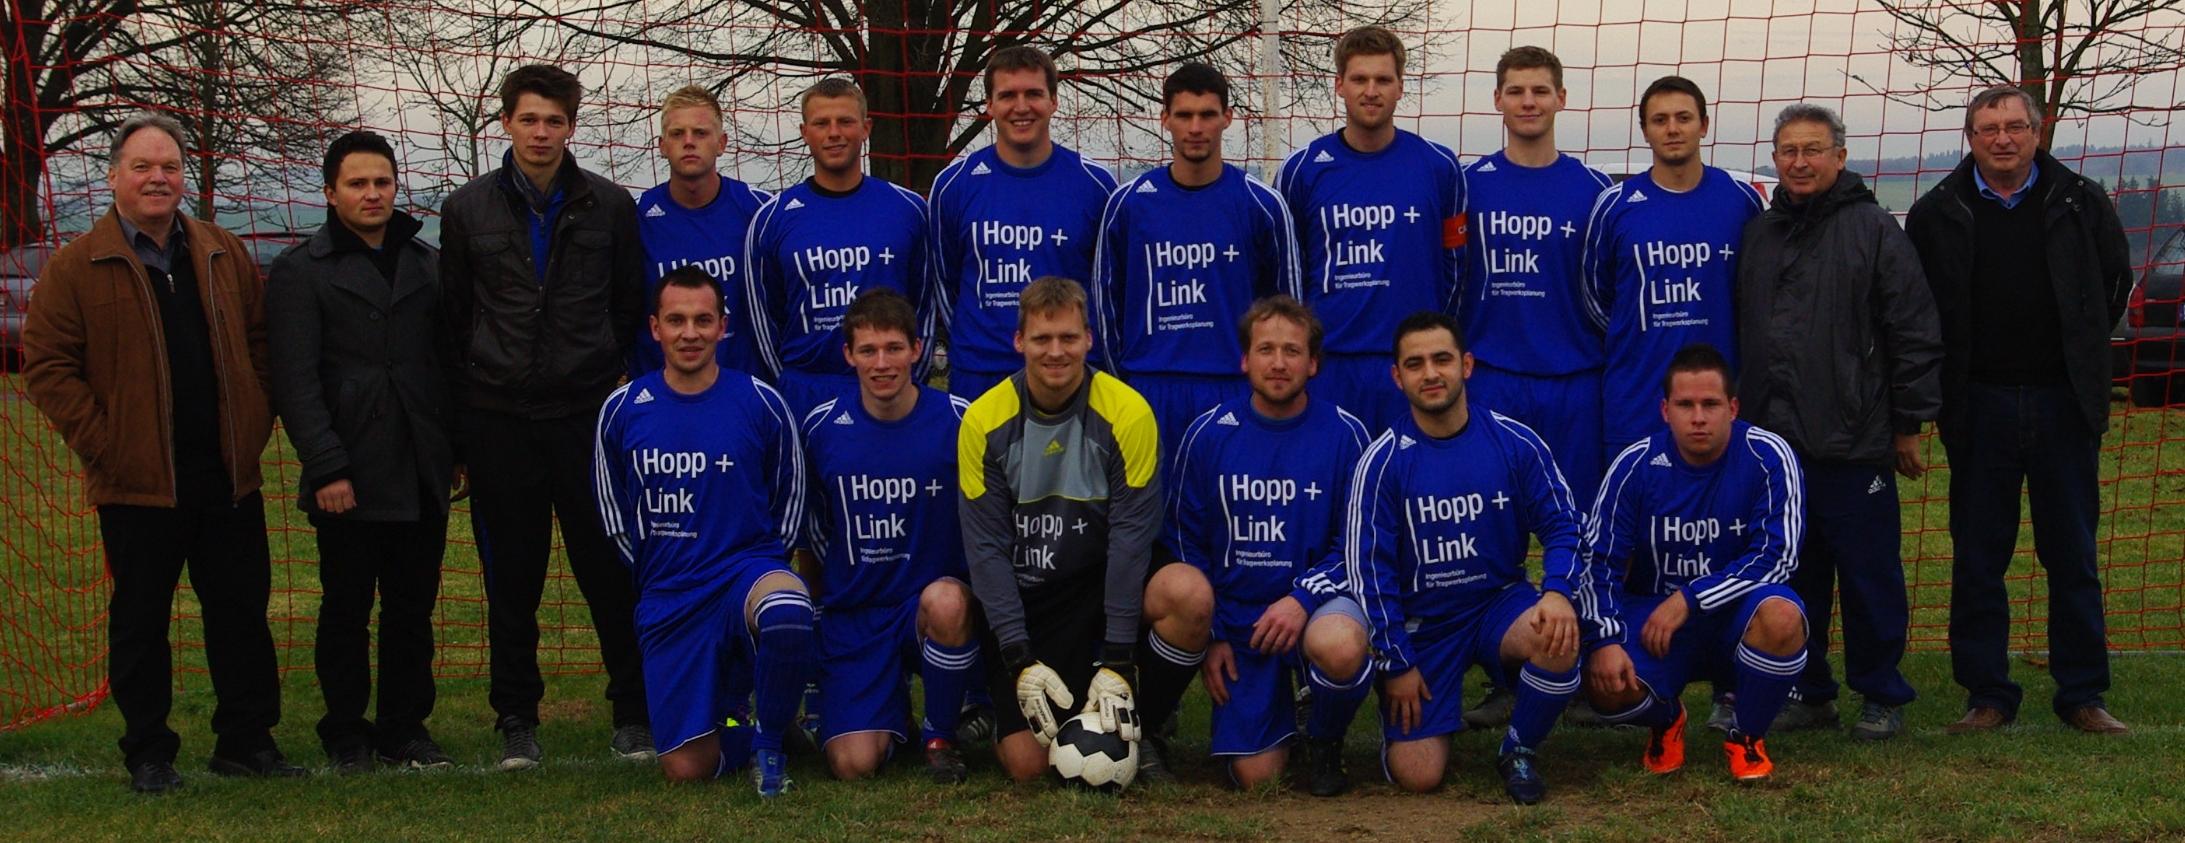 Mannschaftsfoto/Teamfoto von SVC Kastellaun